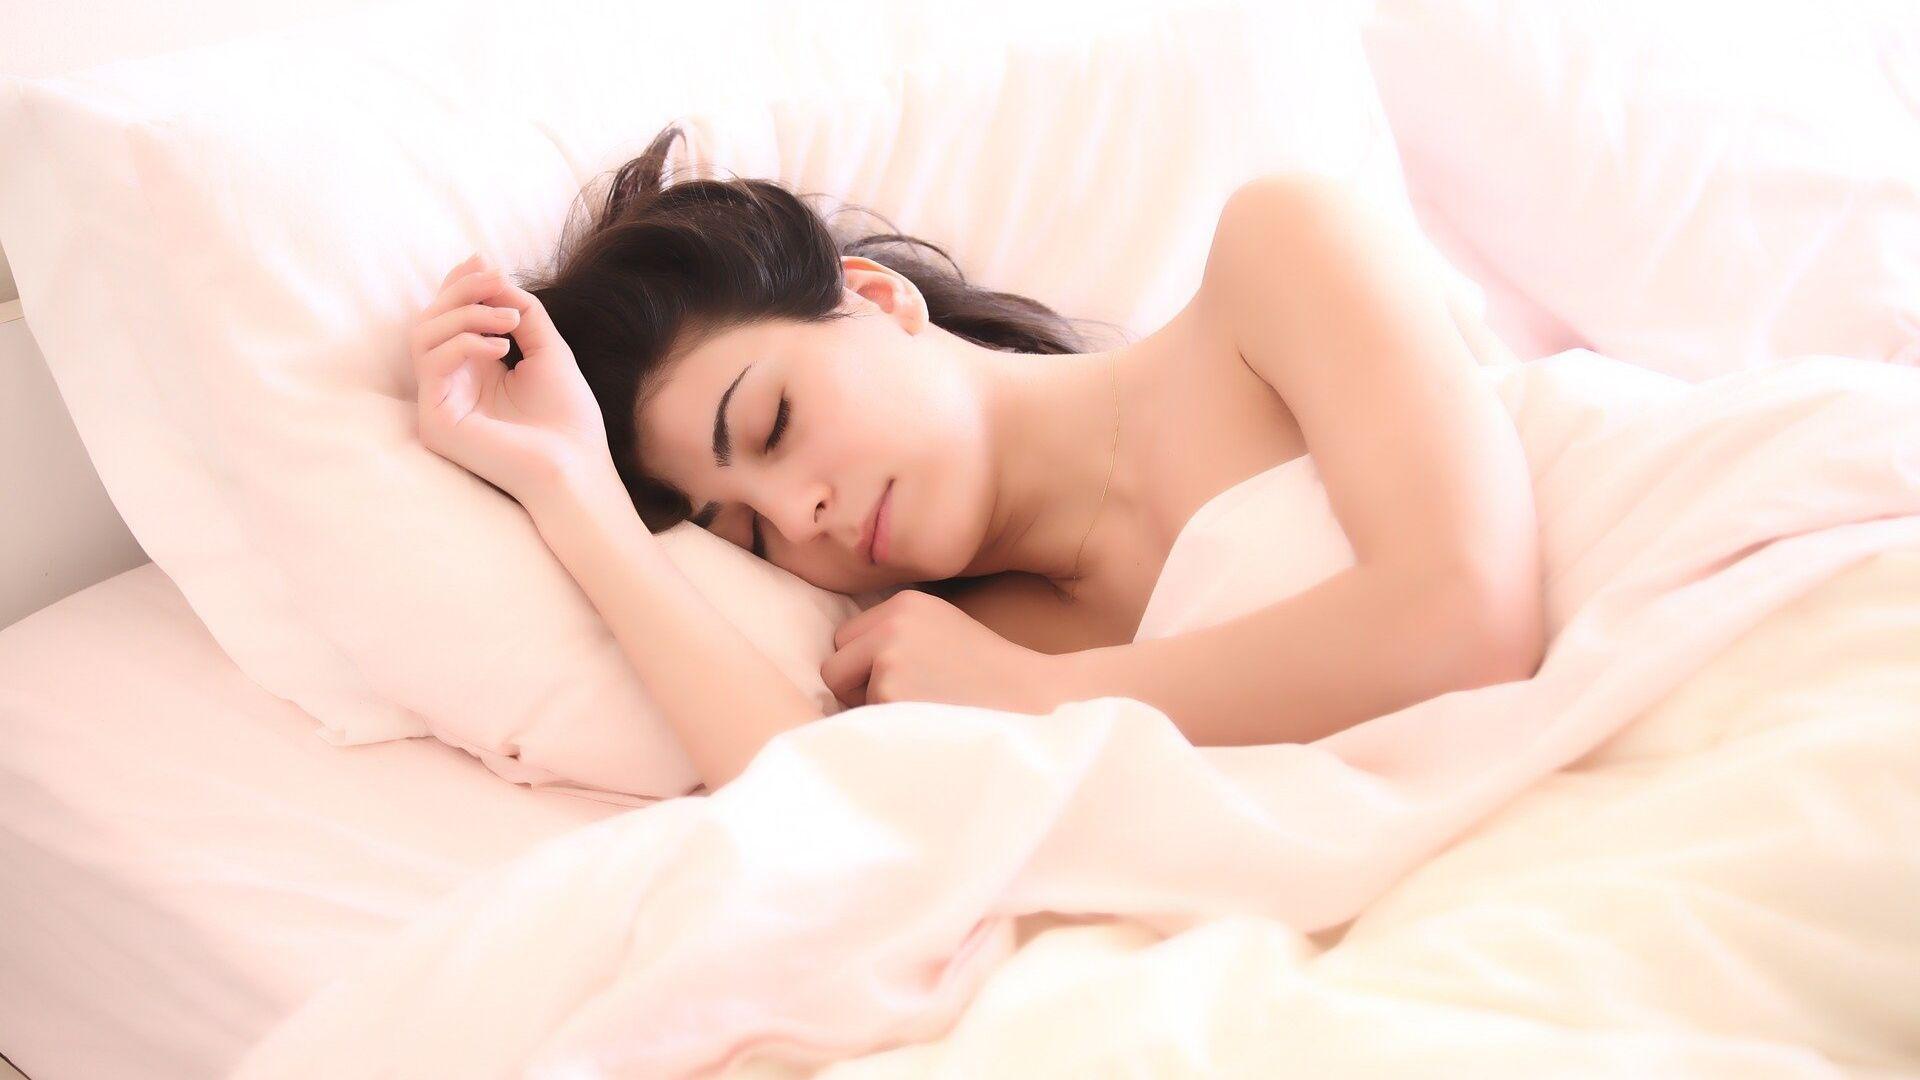 Una mujer está durmiendo en la cama  - Sputnik Mundo, 1920, 27.04.2021